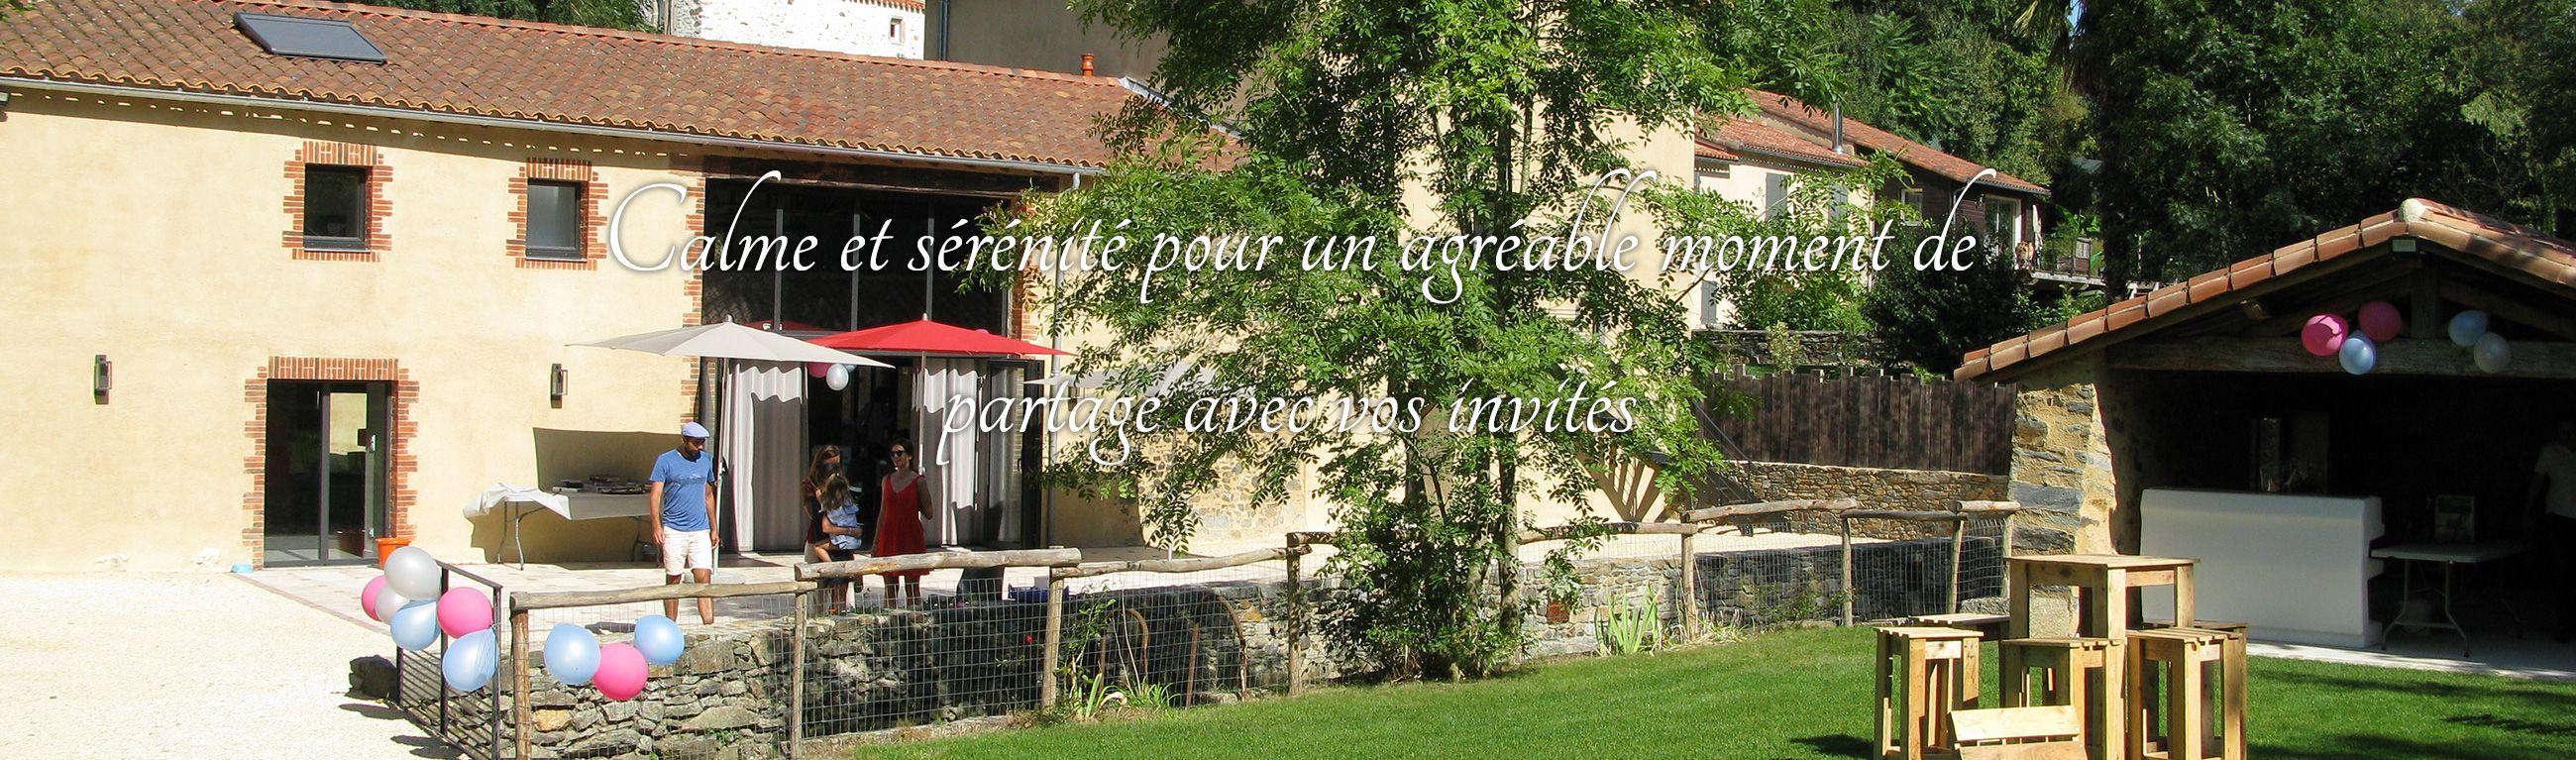 Location de salle pour fête en Vendée